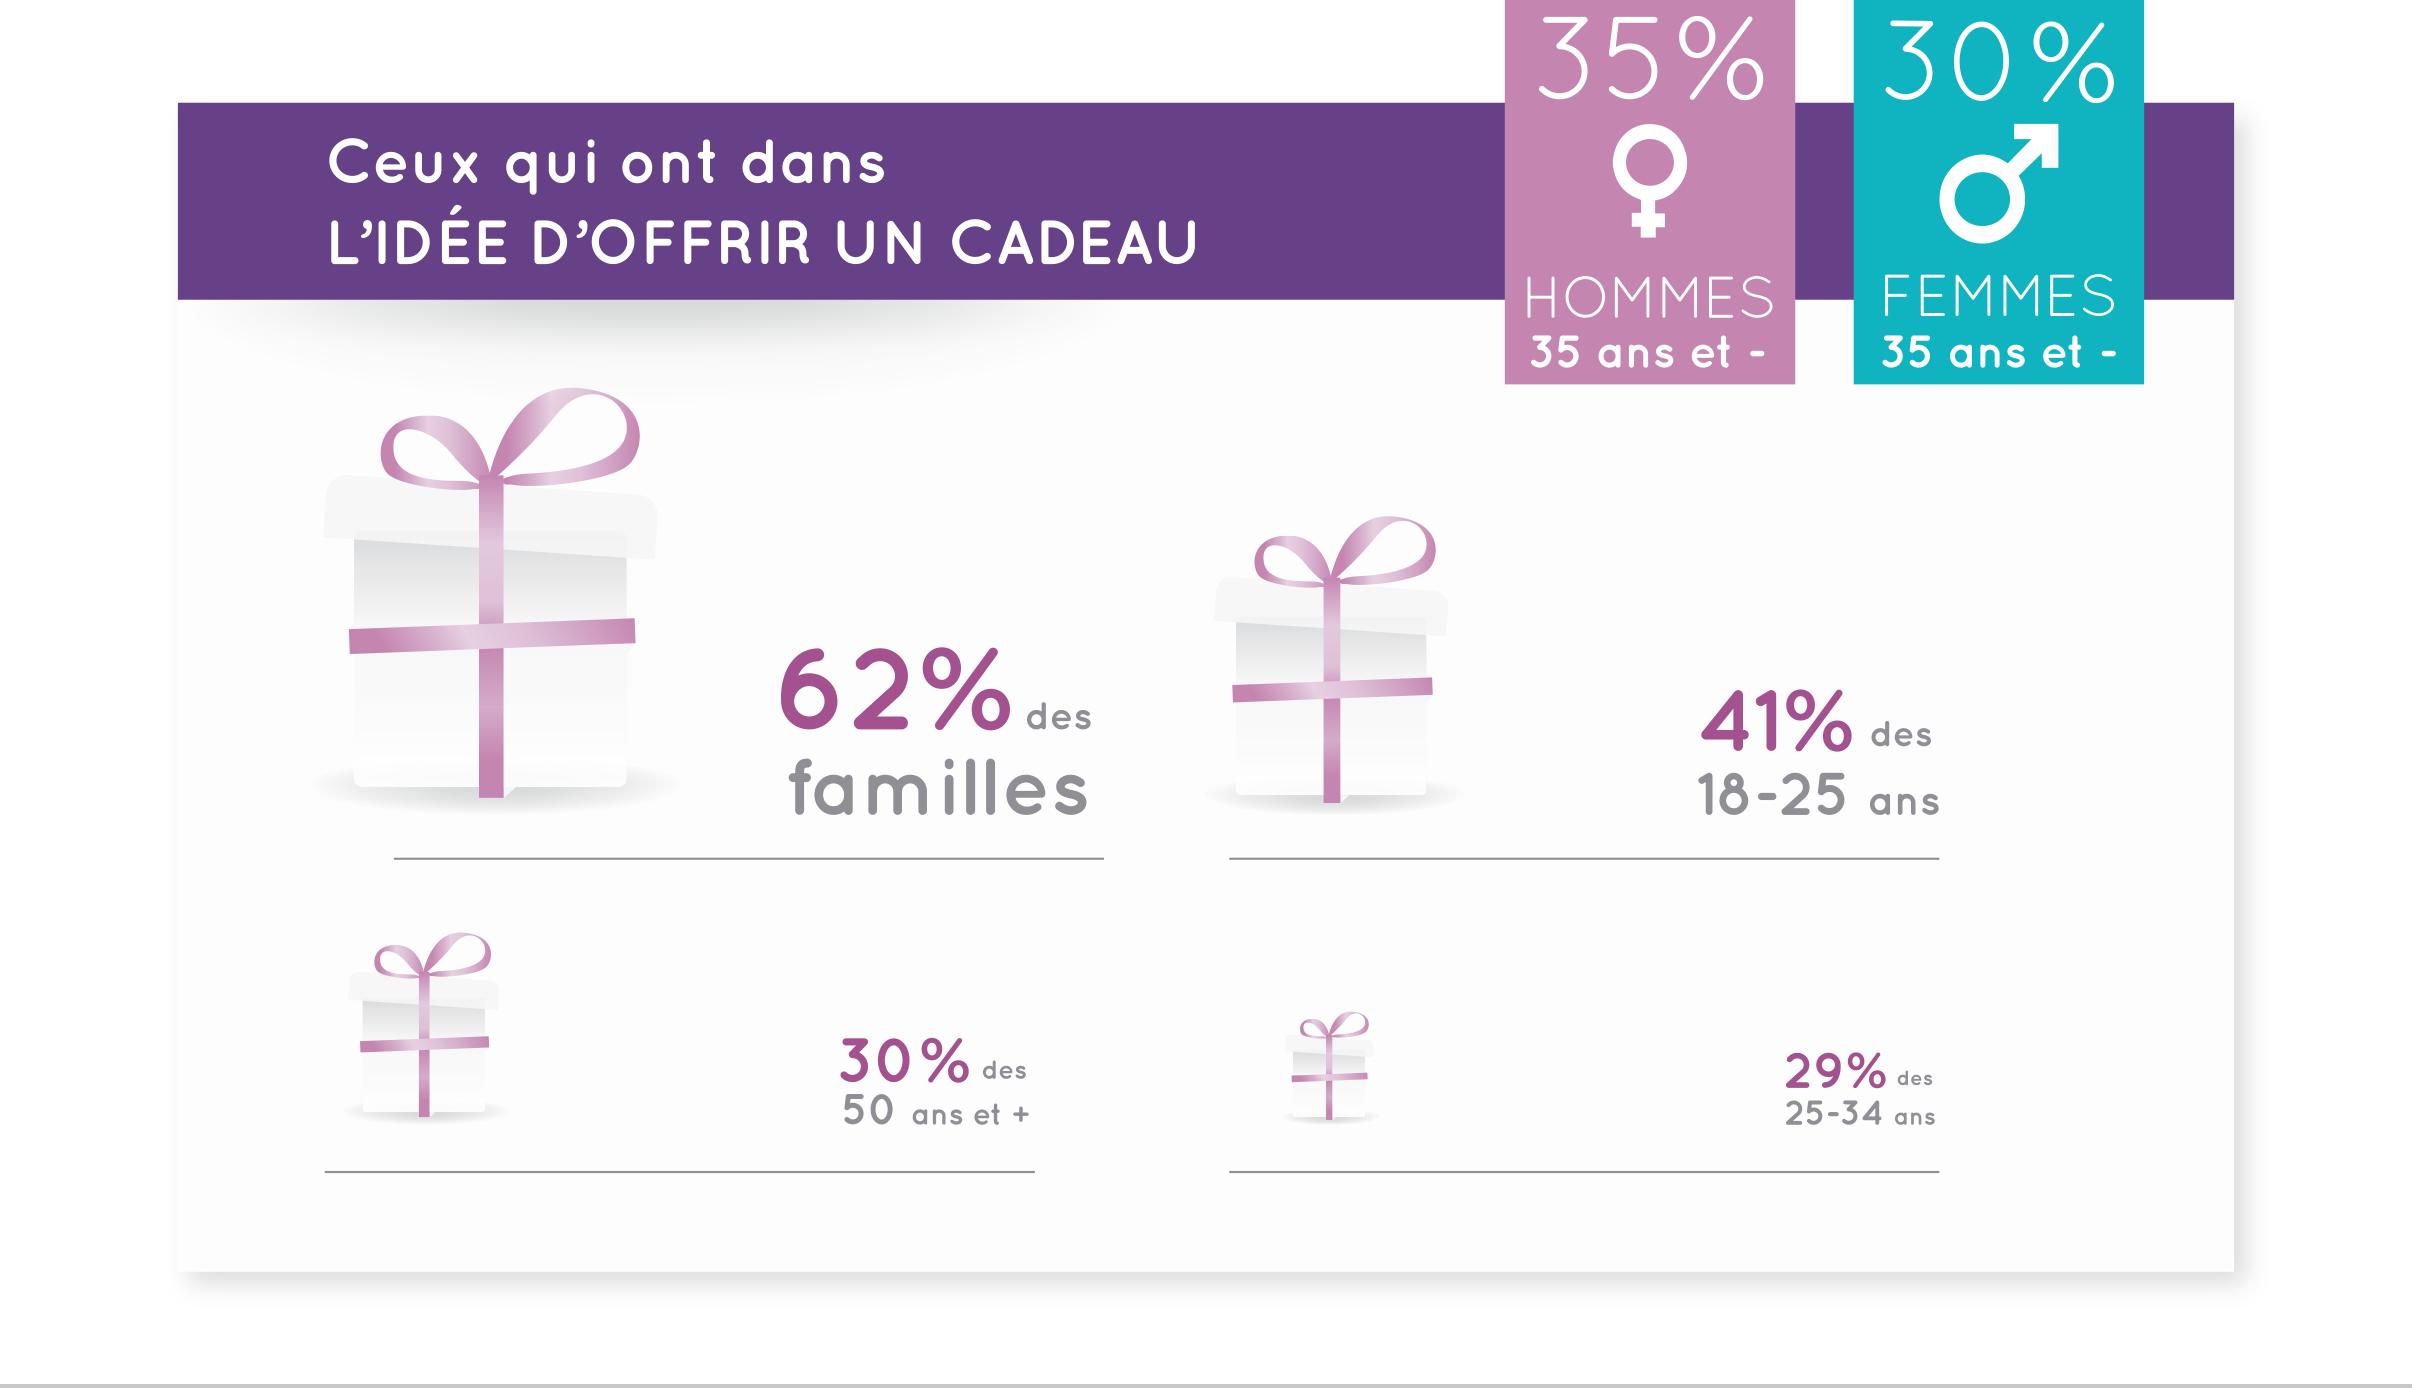 Profil des acheteurs de cadeaux Saint Valentin 1